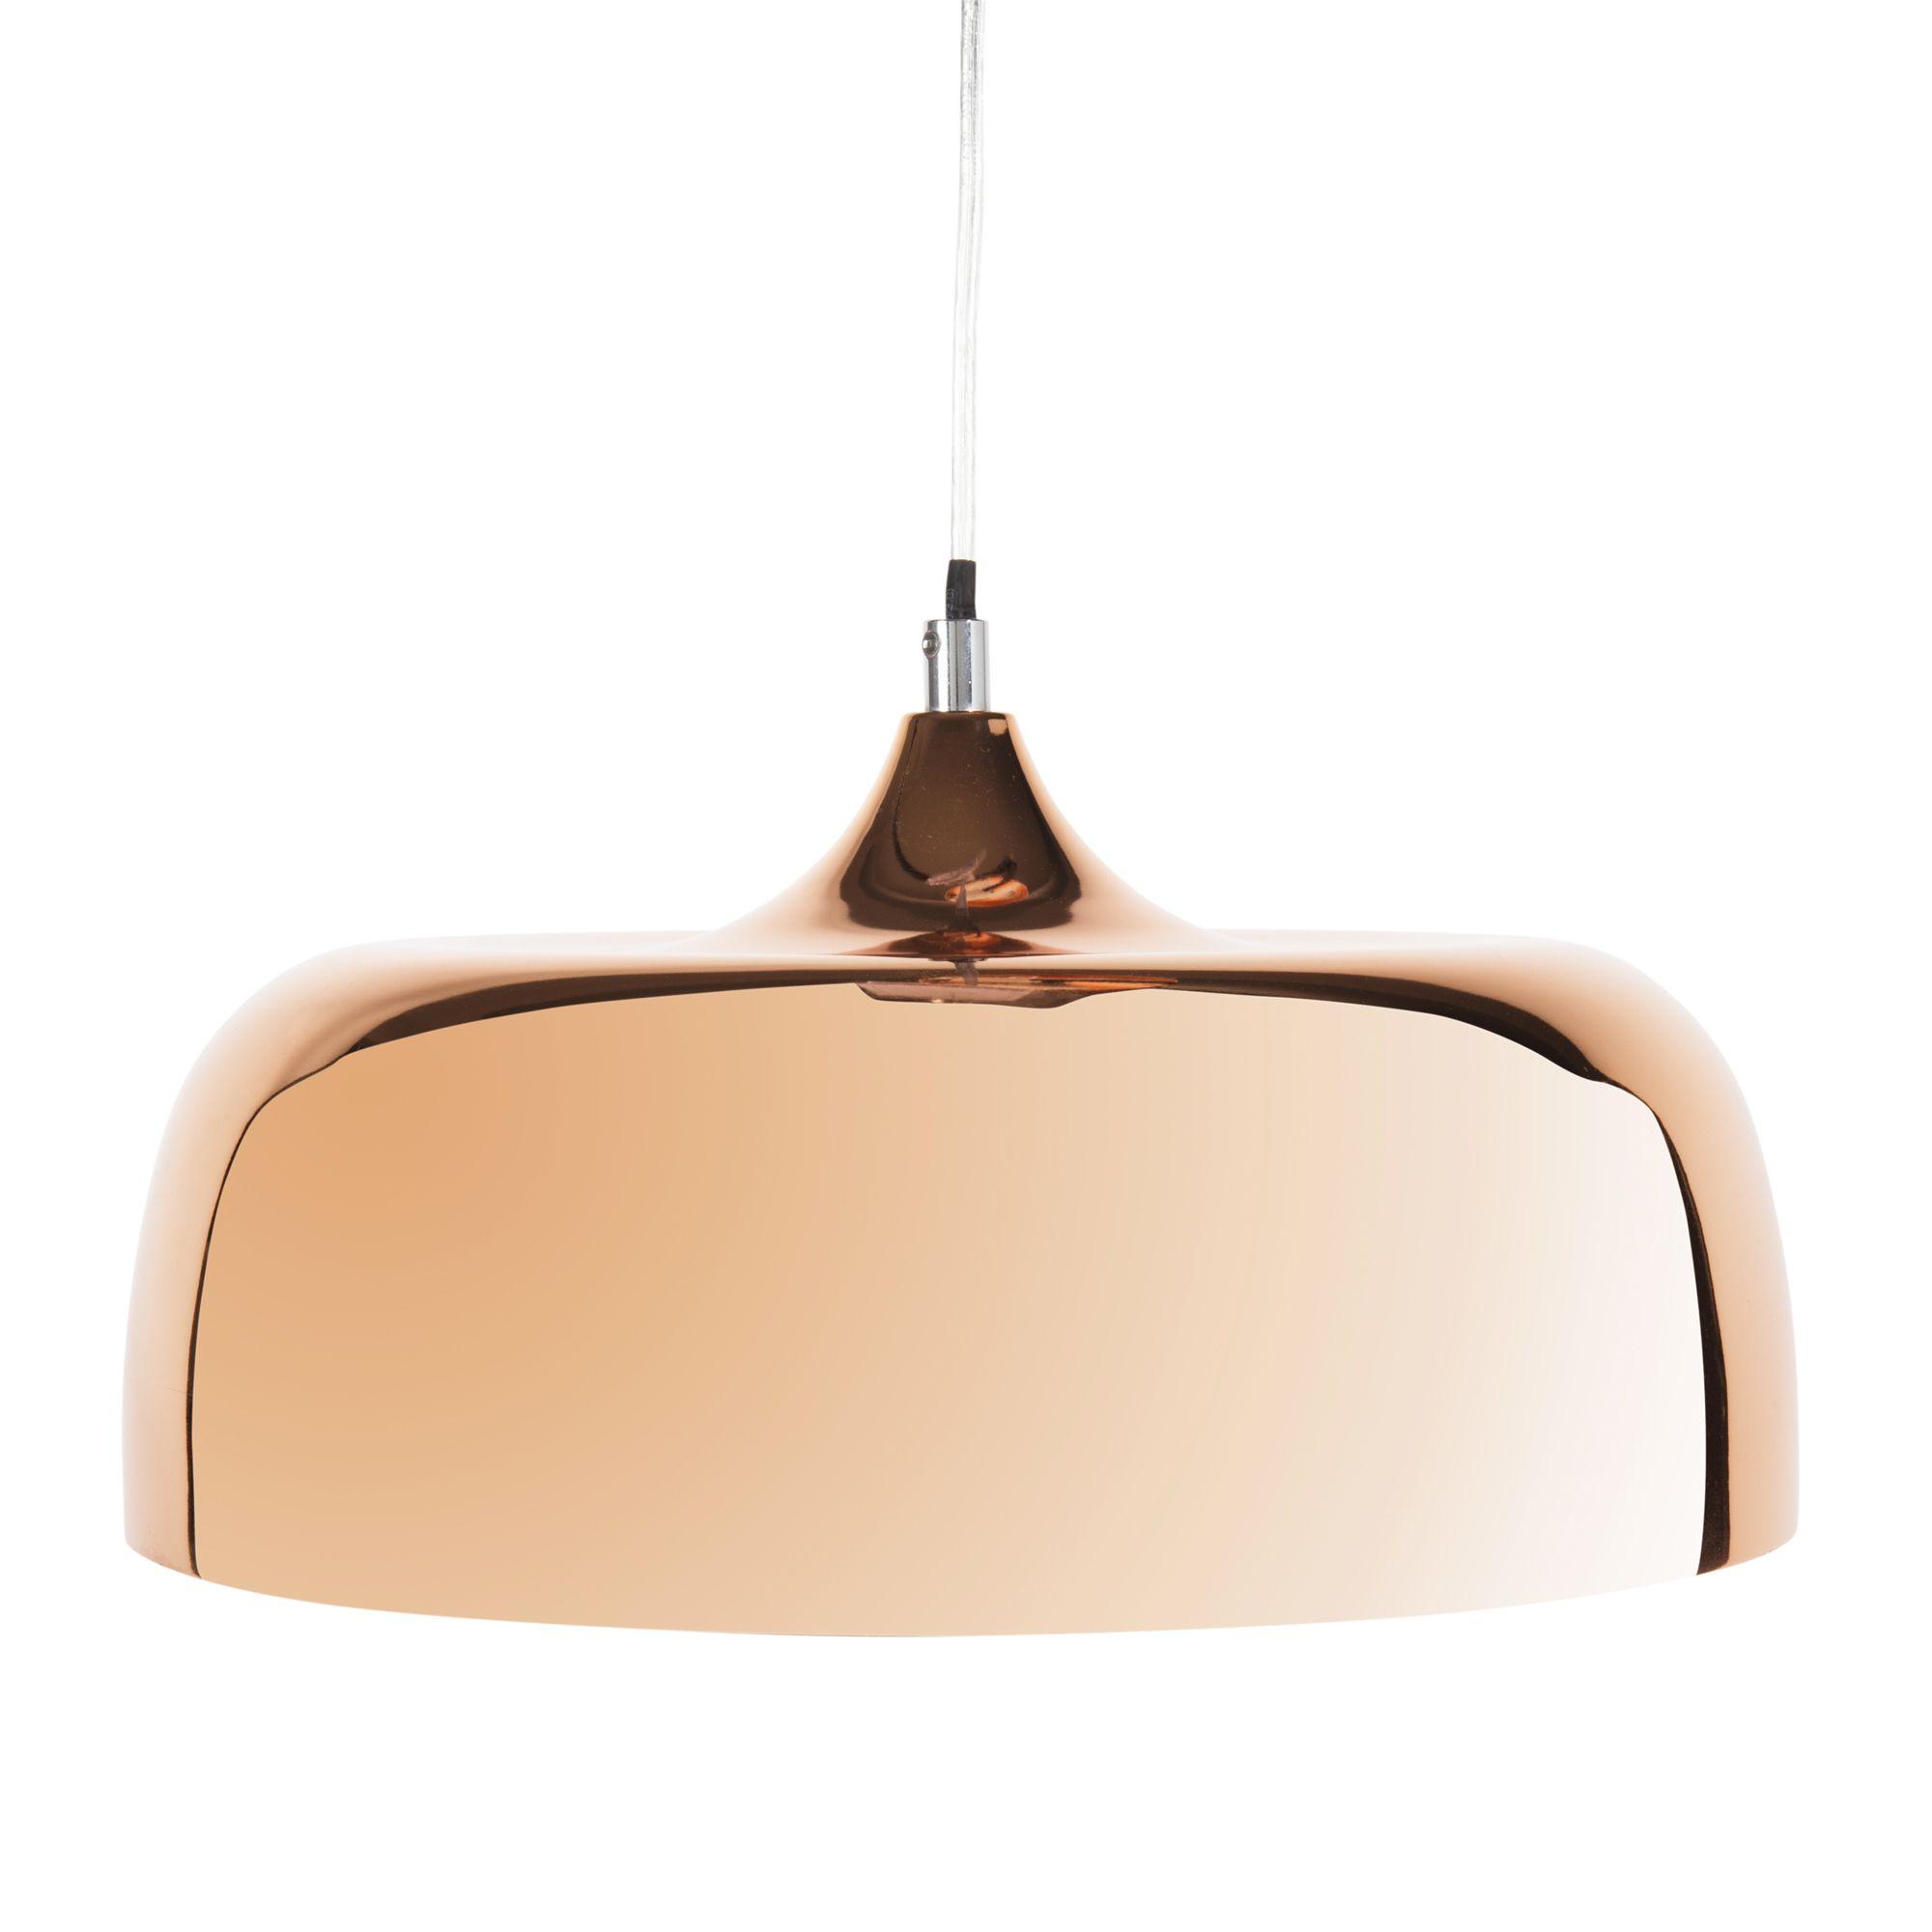 Suspension en m tal cuivr d 32 cm copper dixie maison du monde 69 99 deco appartement - Suspension cuivre maison du monde ...